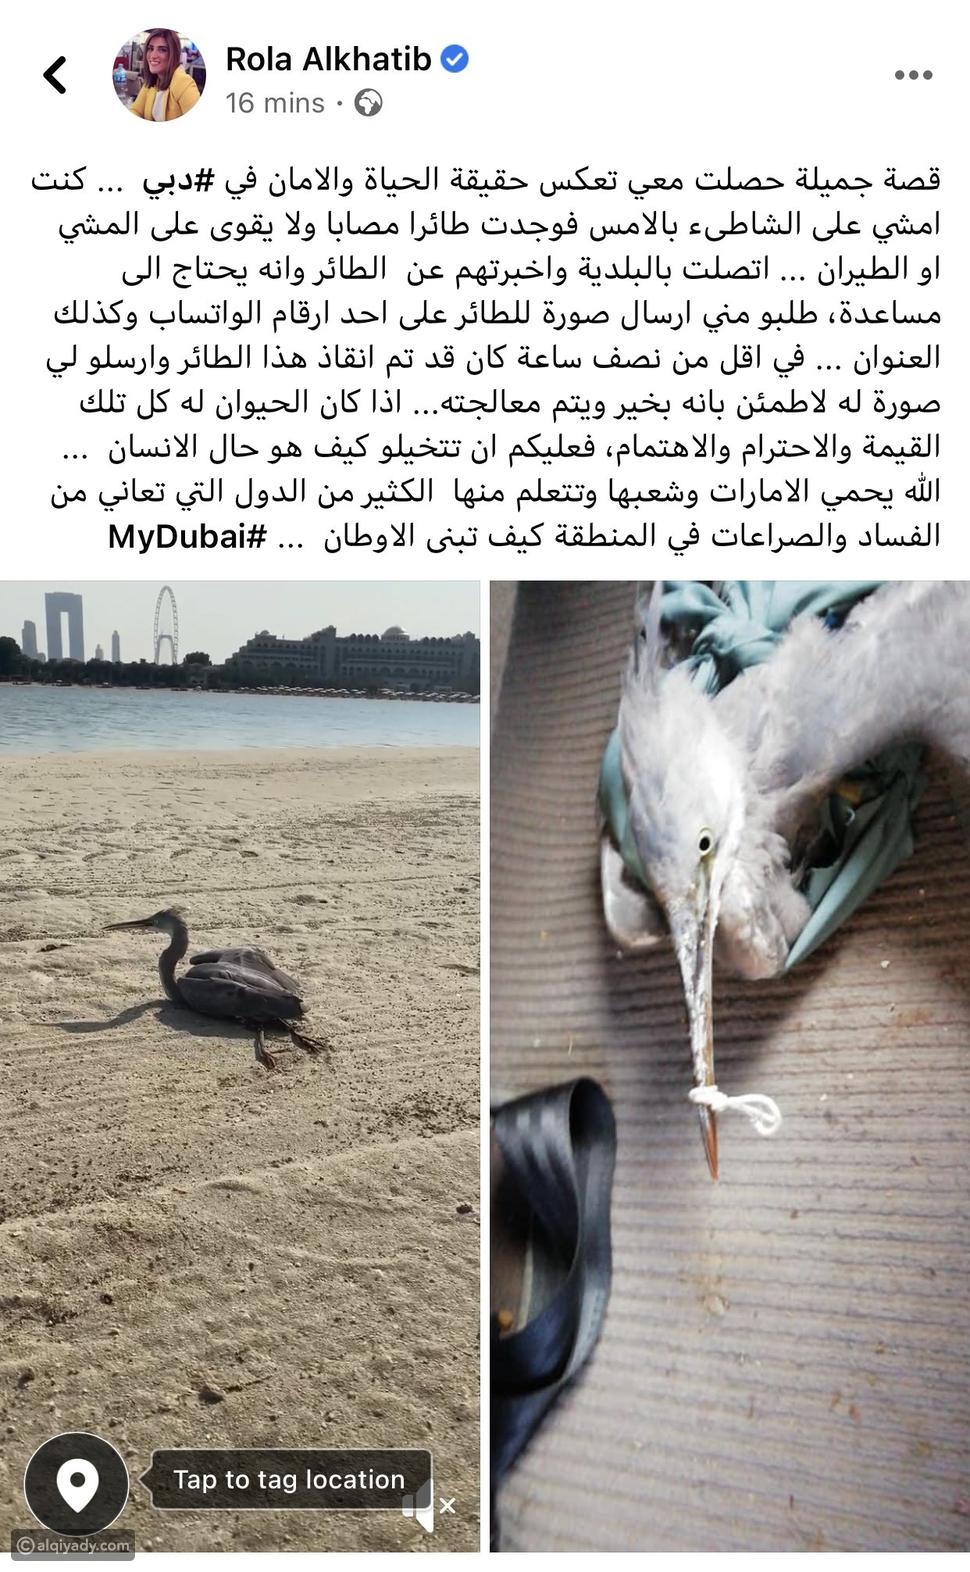 حاكم دبي يتفاعل مع رولا الخطيب بسبب طائر: شكراً لقصتك الجميلة